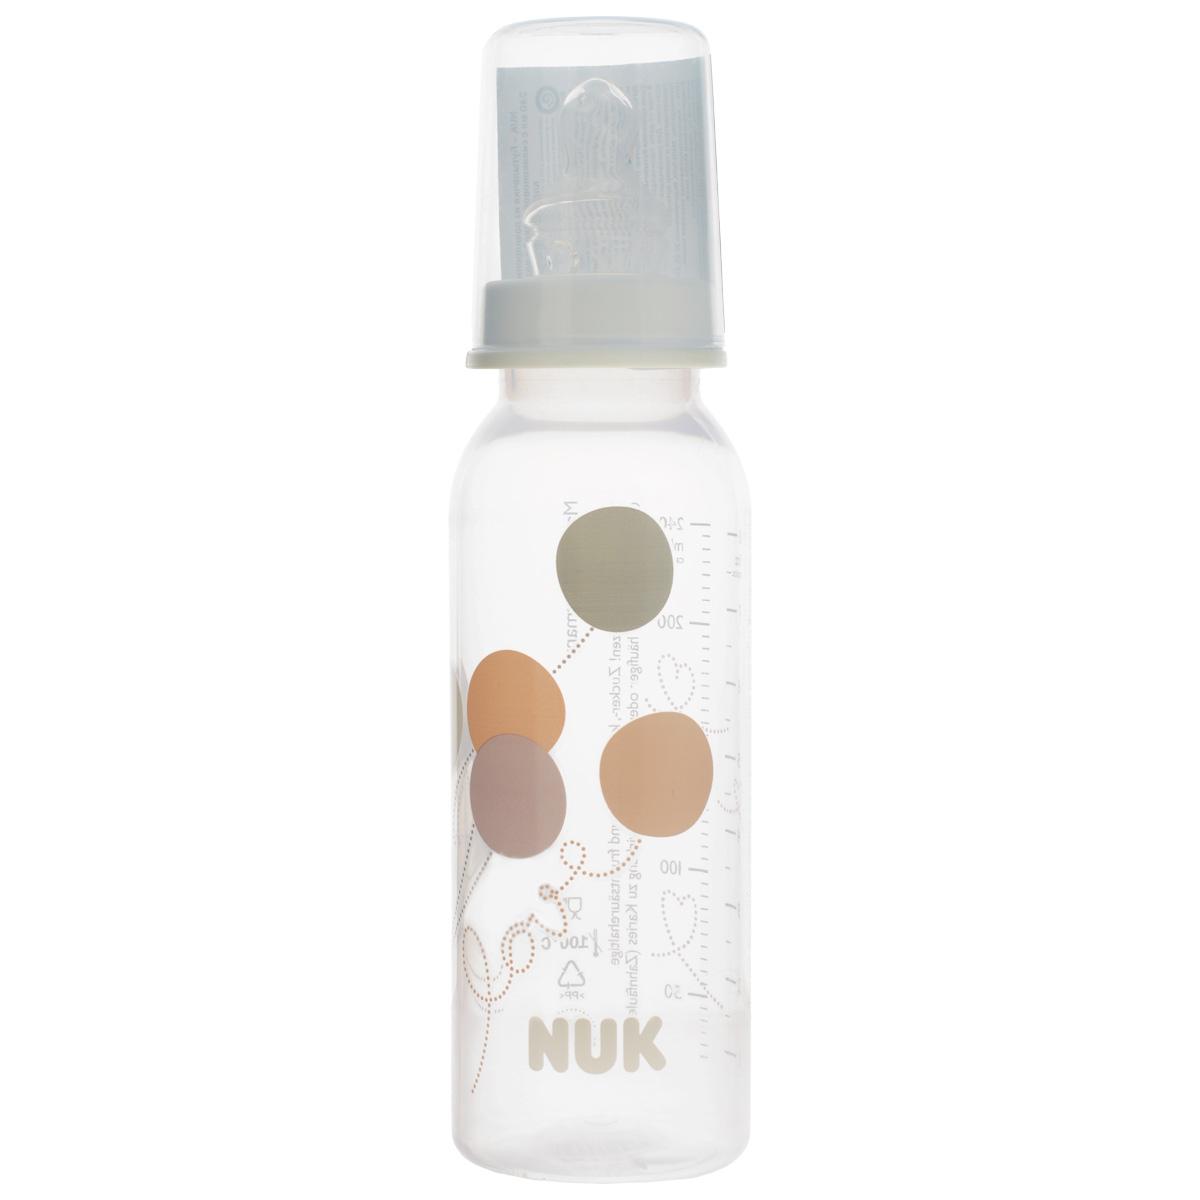 """Бутылочка для кормления """"NUK"""", с силиконовой соской, от 0 до 6 месяцев, цвет: белый, 240 мл 10741419_белый"""